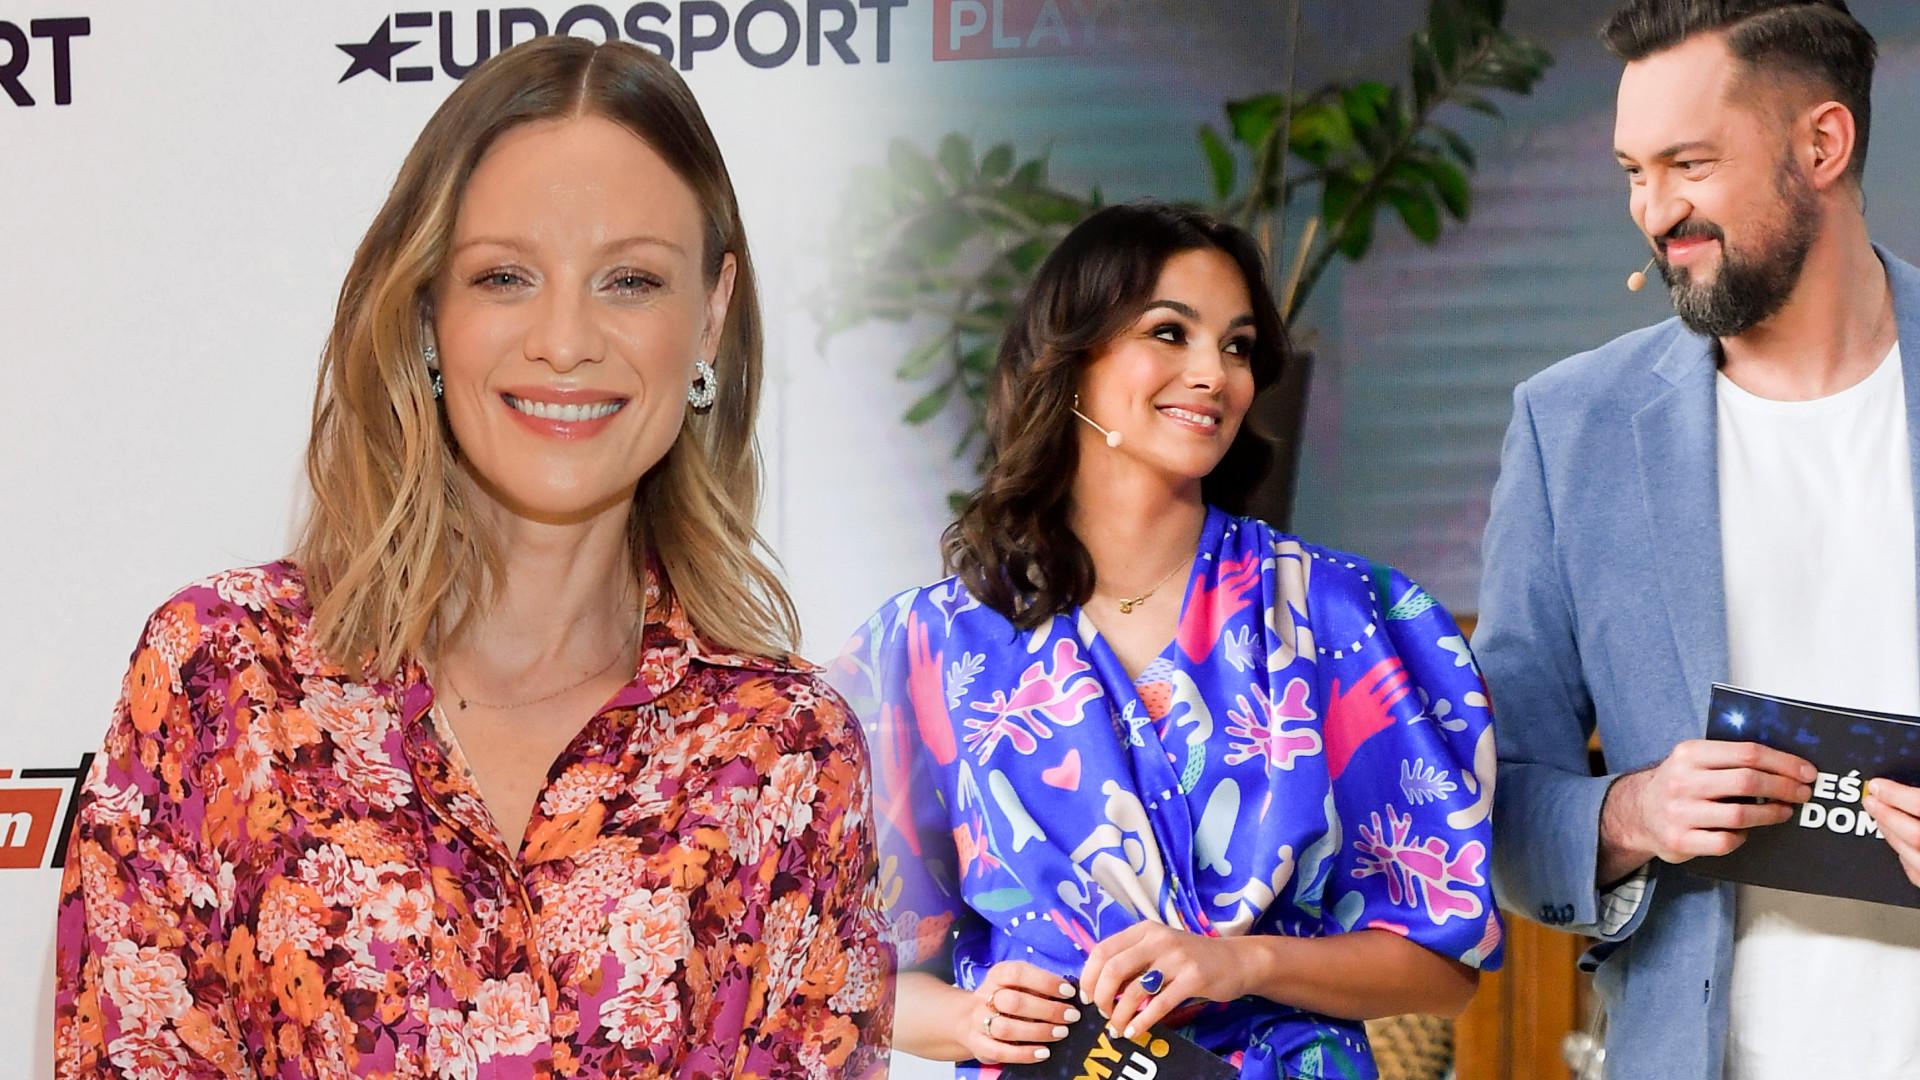 Gwiazdy na wiosennej ramówce TVN-u: Boczarska w mini, Dominika Kulczyk w jeansie (ZDJĘCIA)